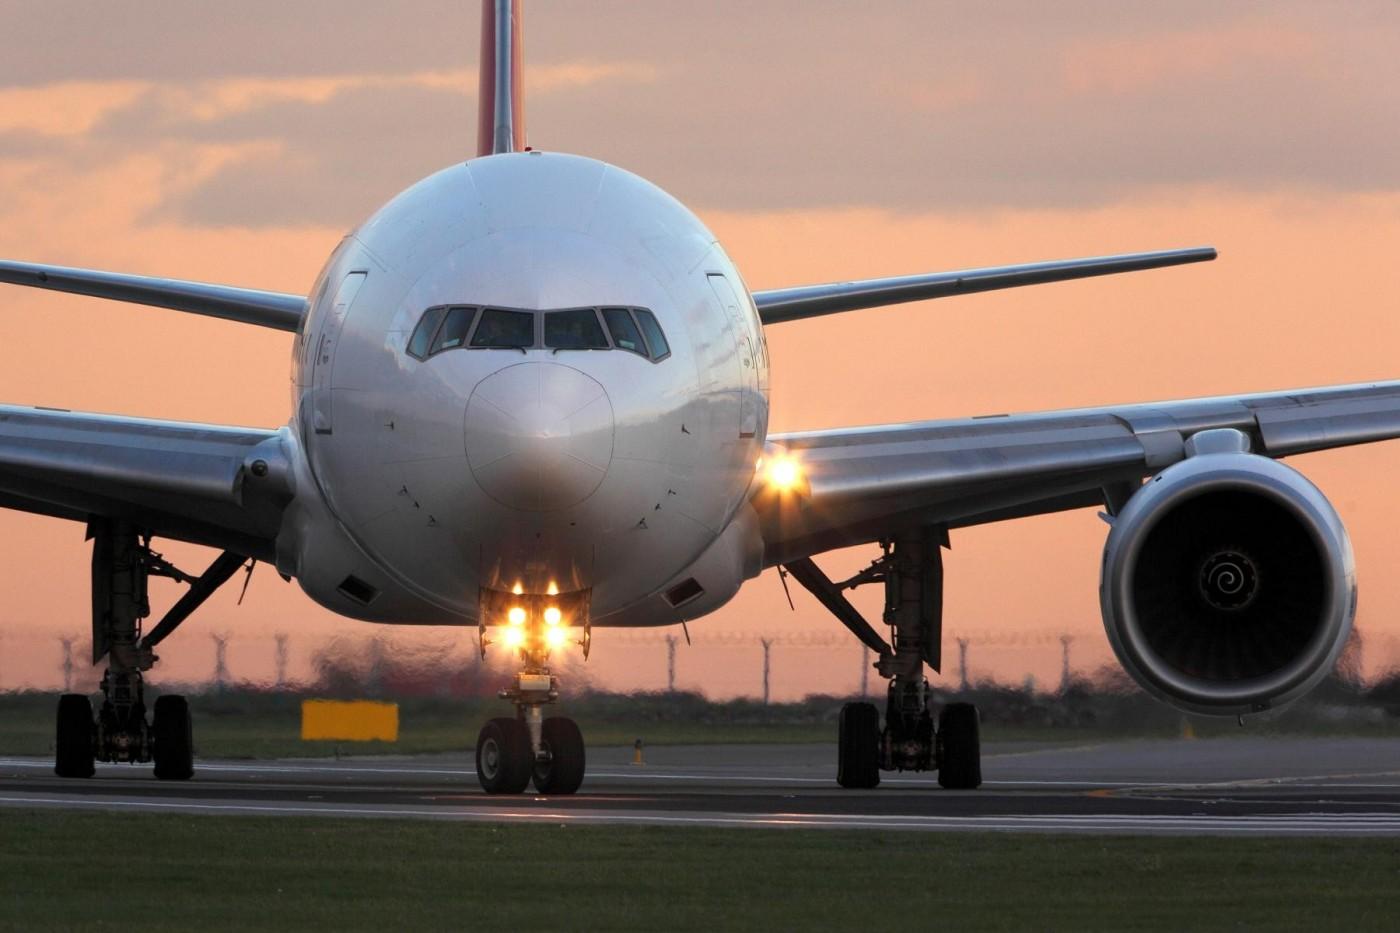 一週取消2.5萬航班!航空產業恐面臨整併潮,何時復甦全看V形曲線